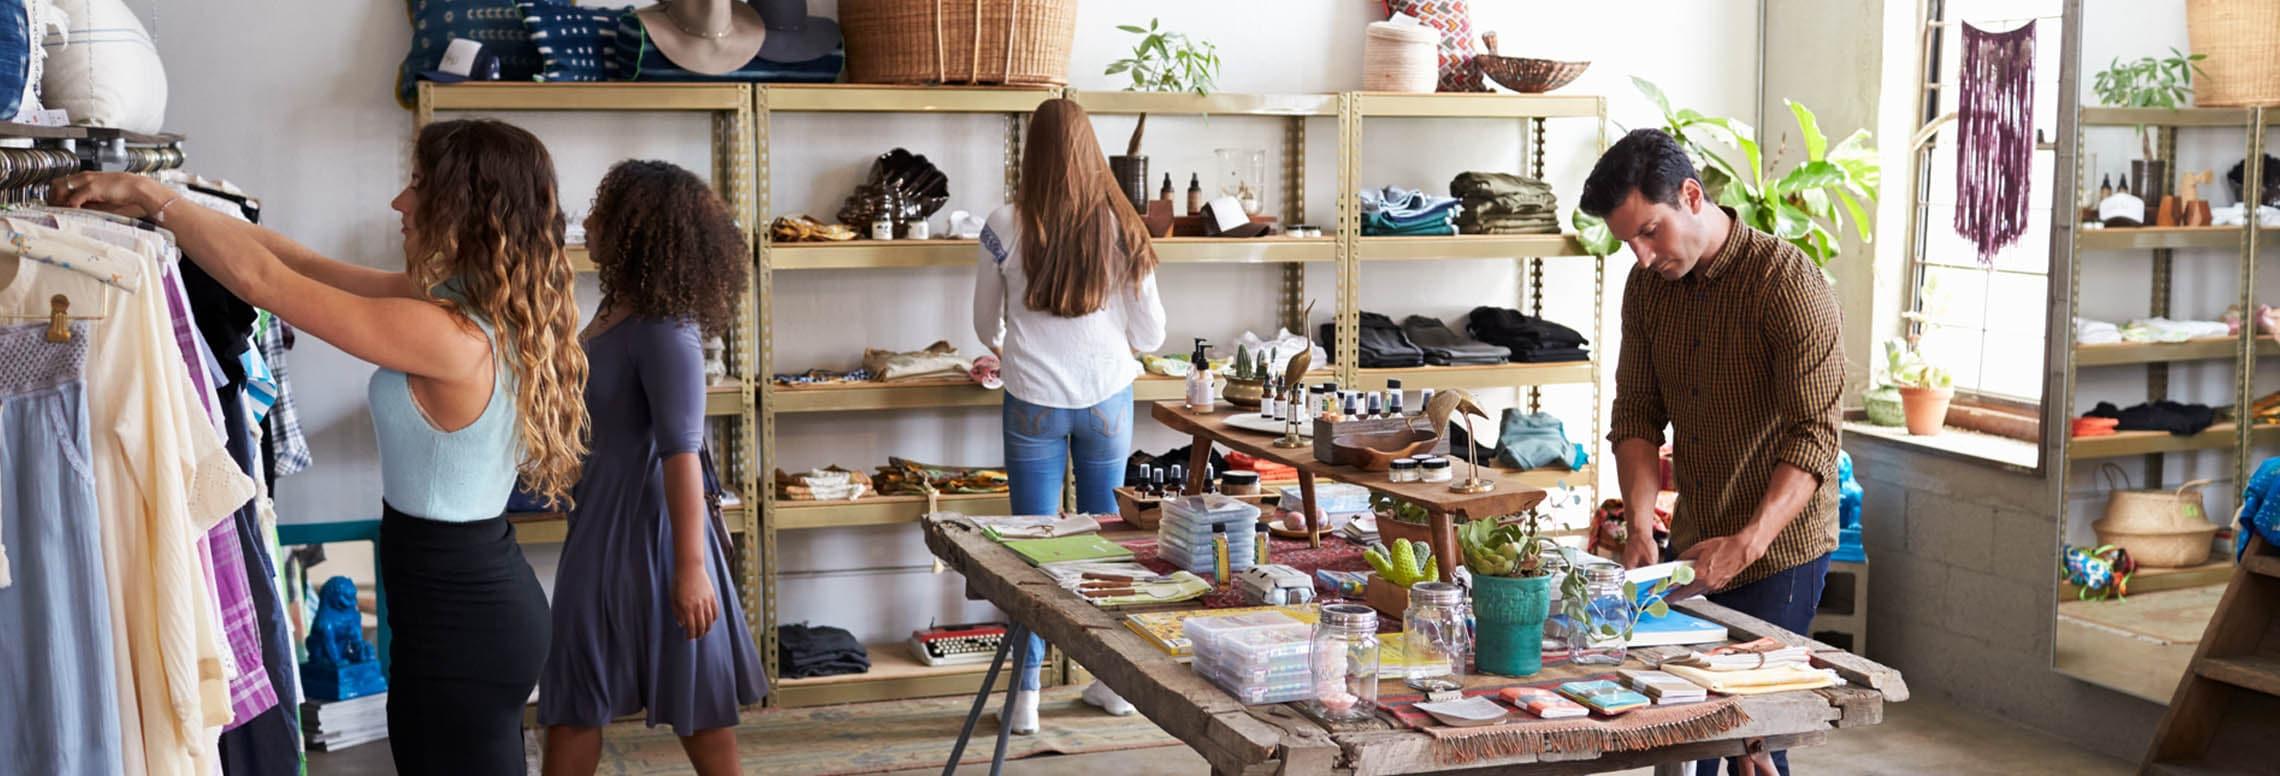 Spullen kopen in winkel